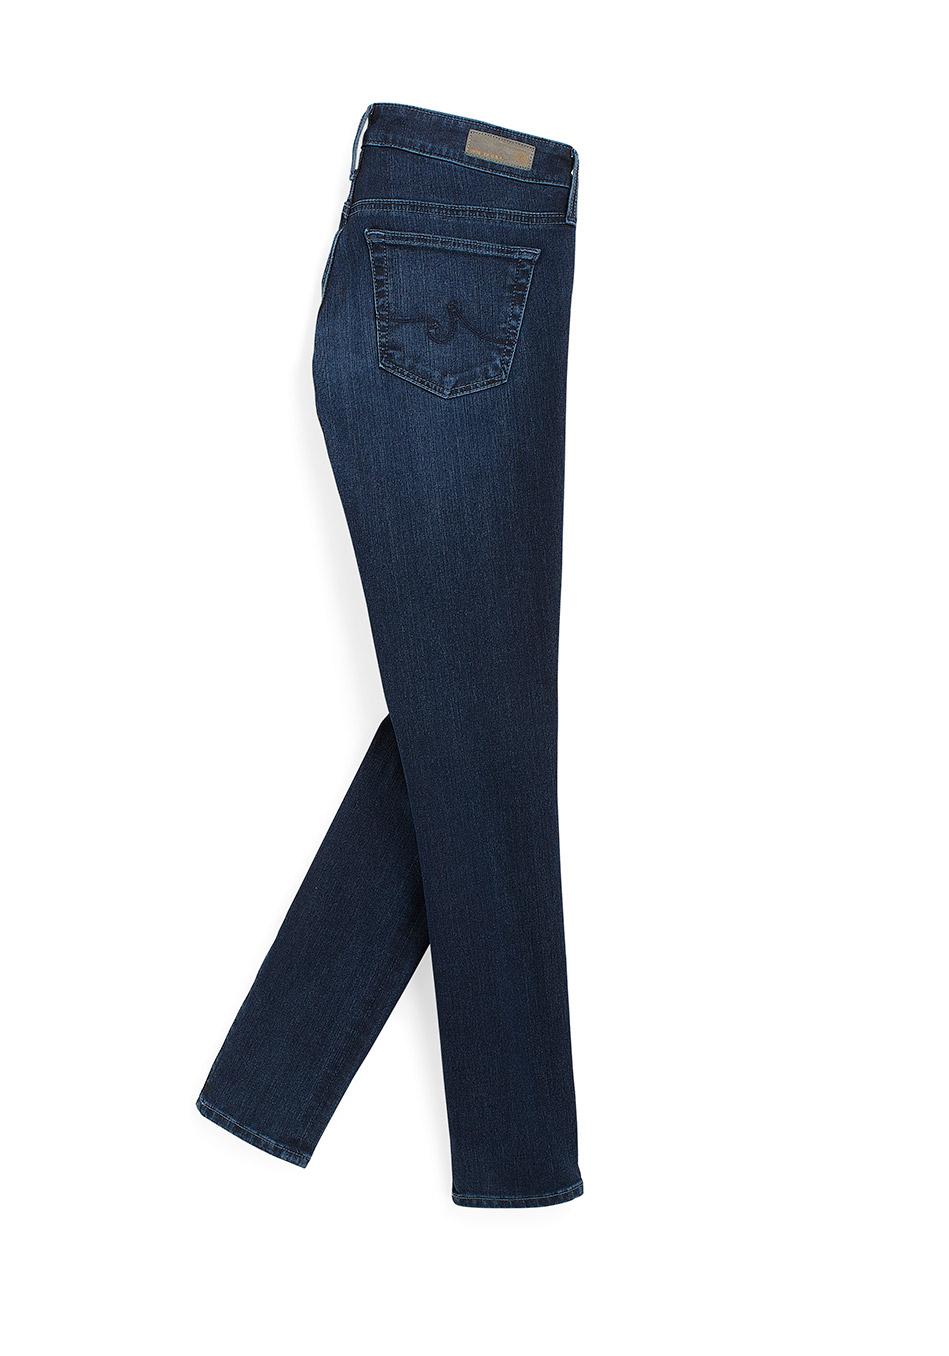 AG Contour 360 Jean из японского денима, сужает бедра, уменьшает попу